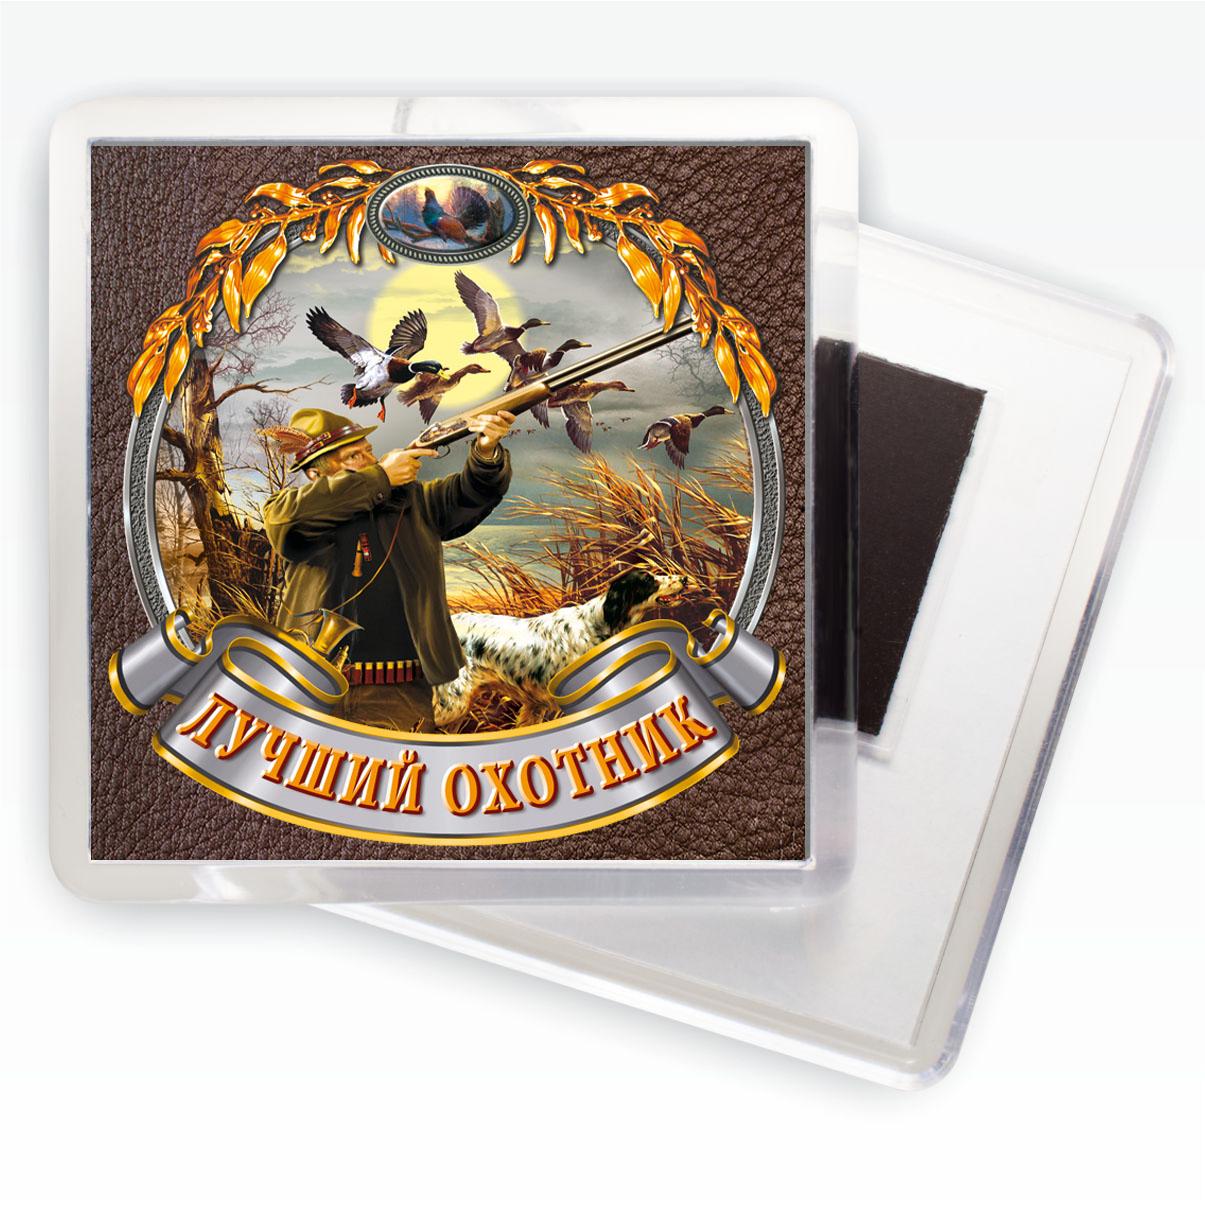 Магнит охотничий по символической цене доступен для оптово-розничных заказов